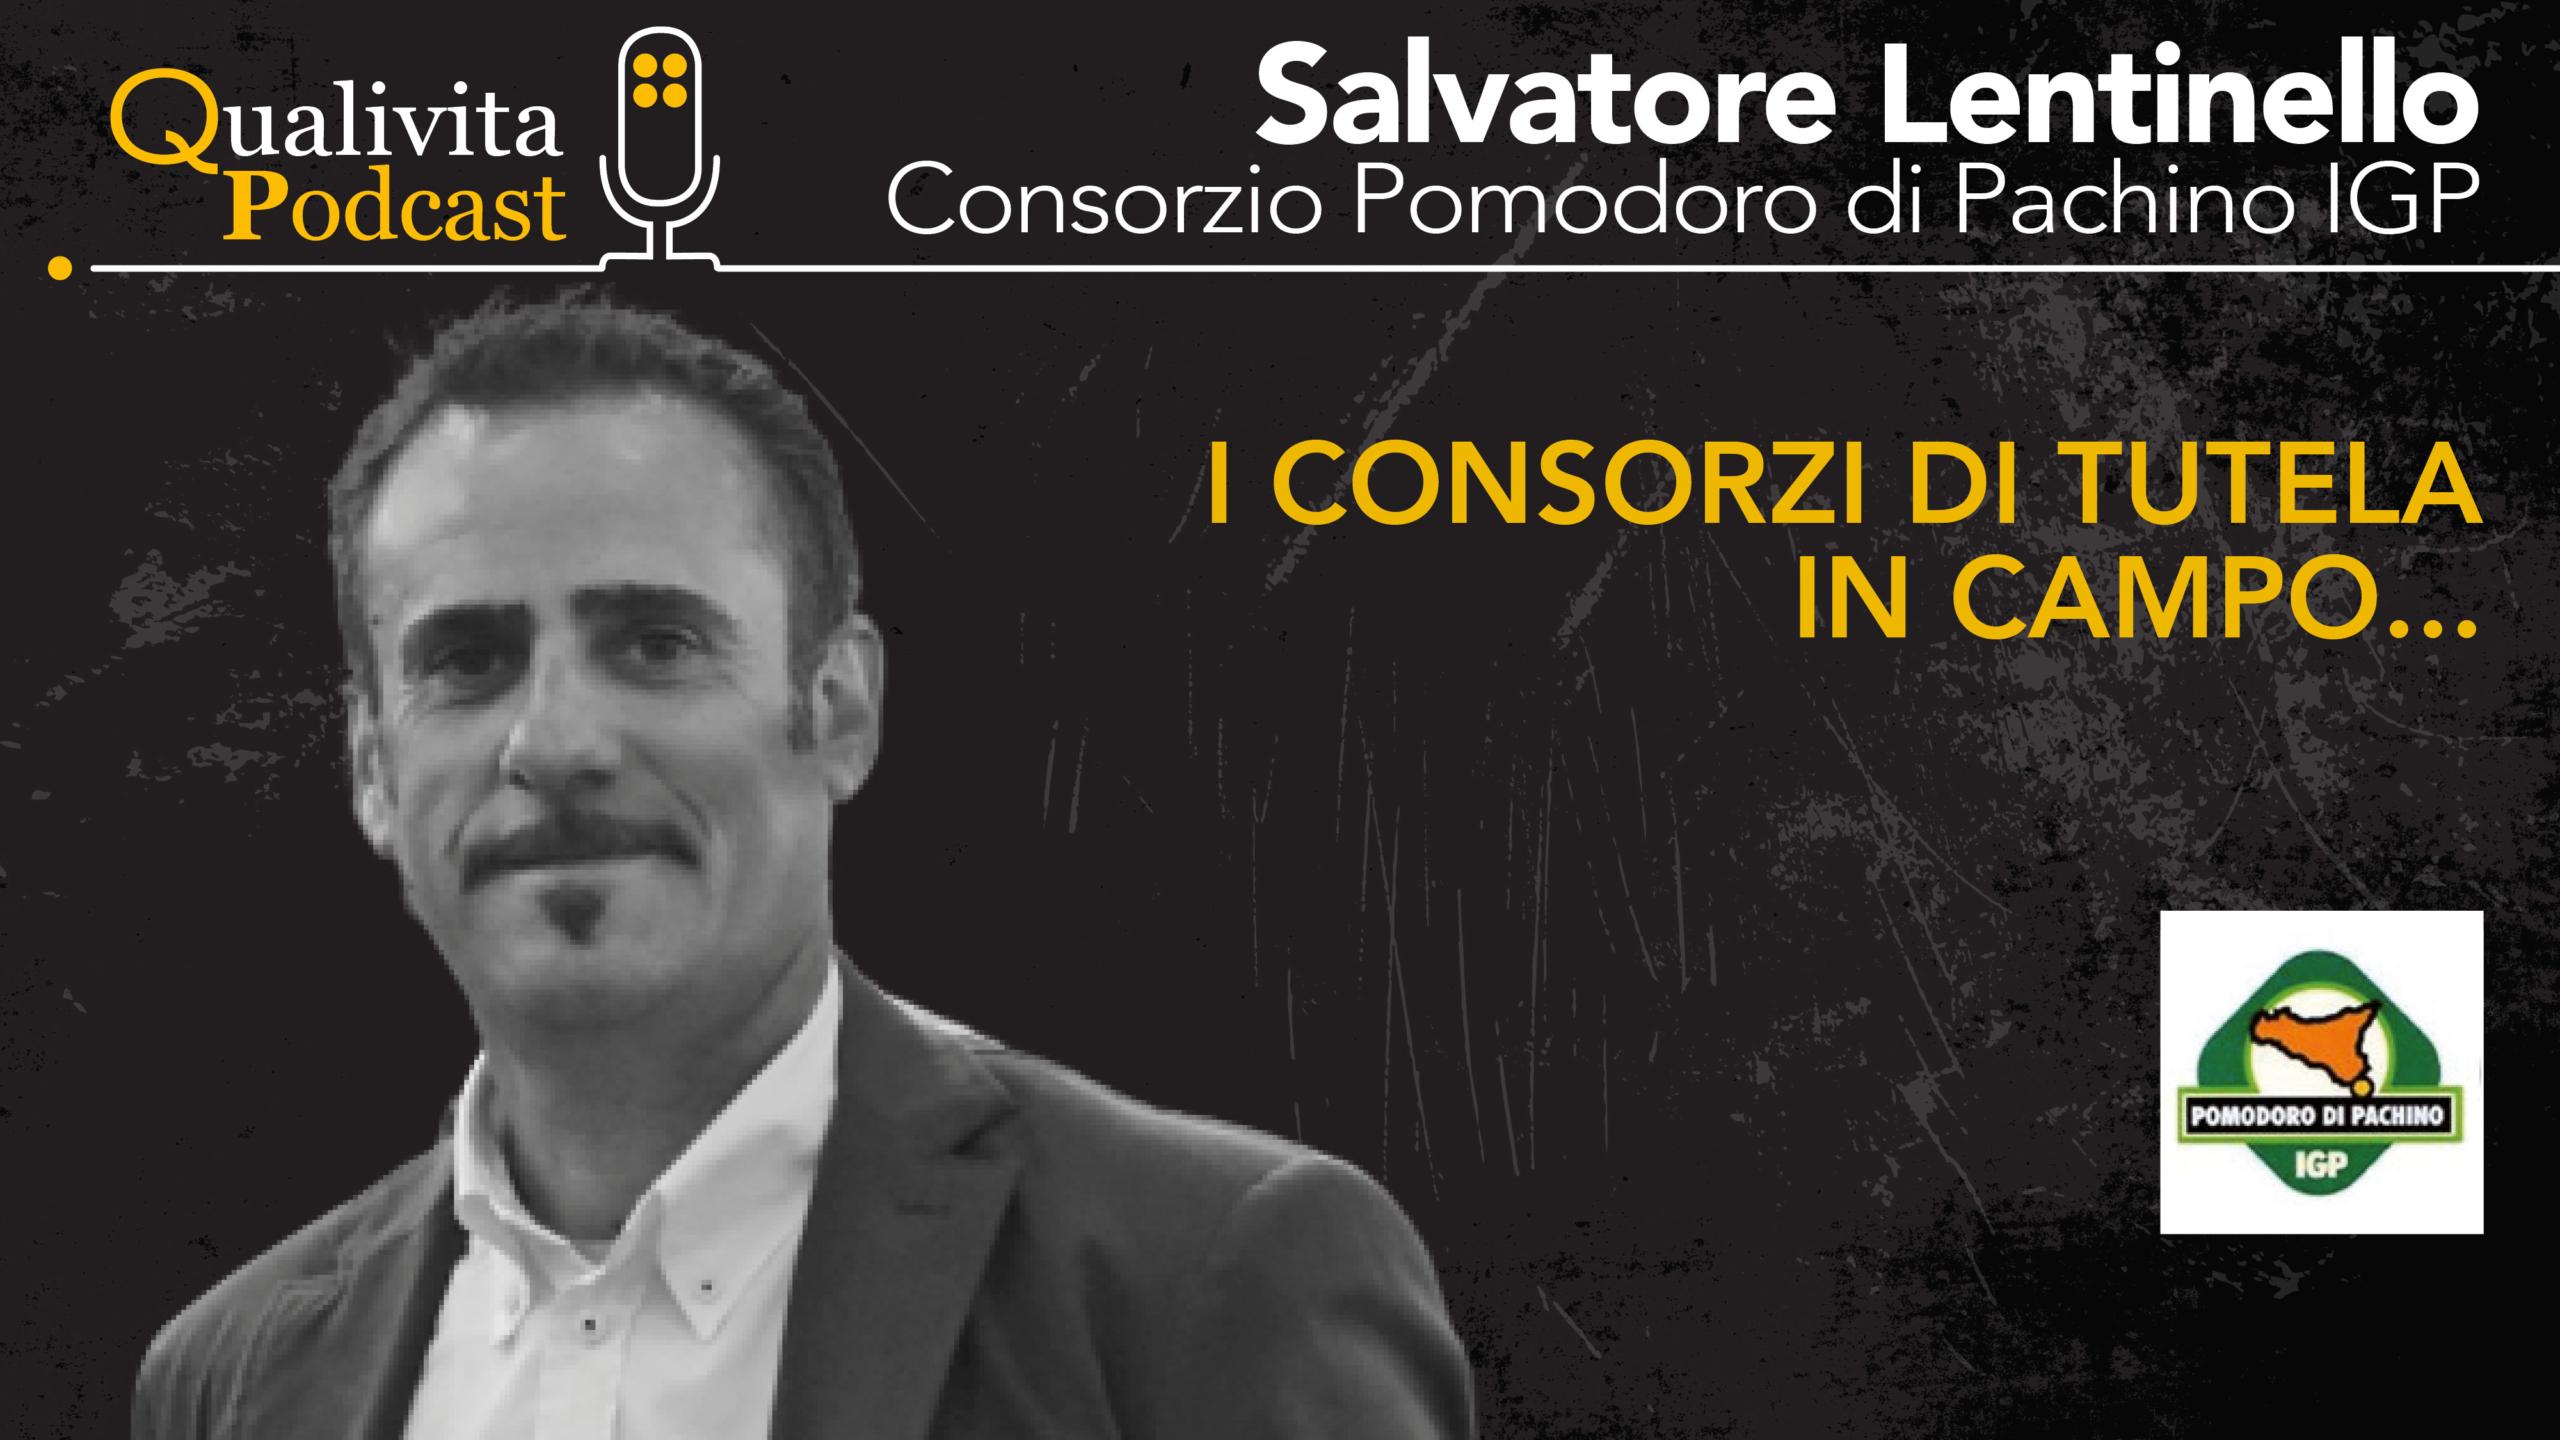 Salvatore Lentinello, Consorzio di tutela Pomodoro di Pachino IGP